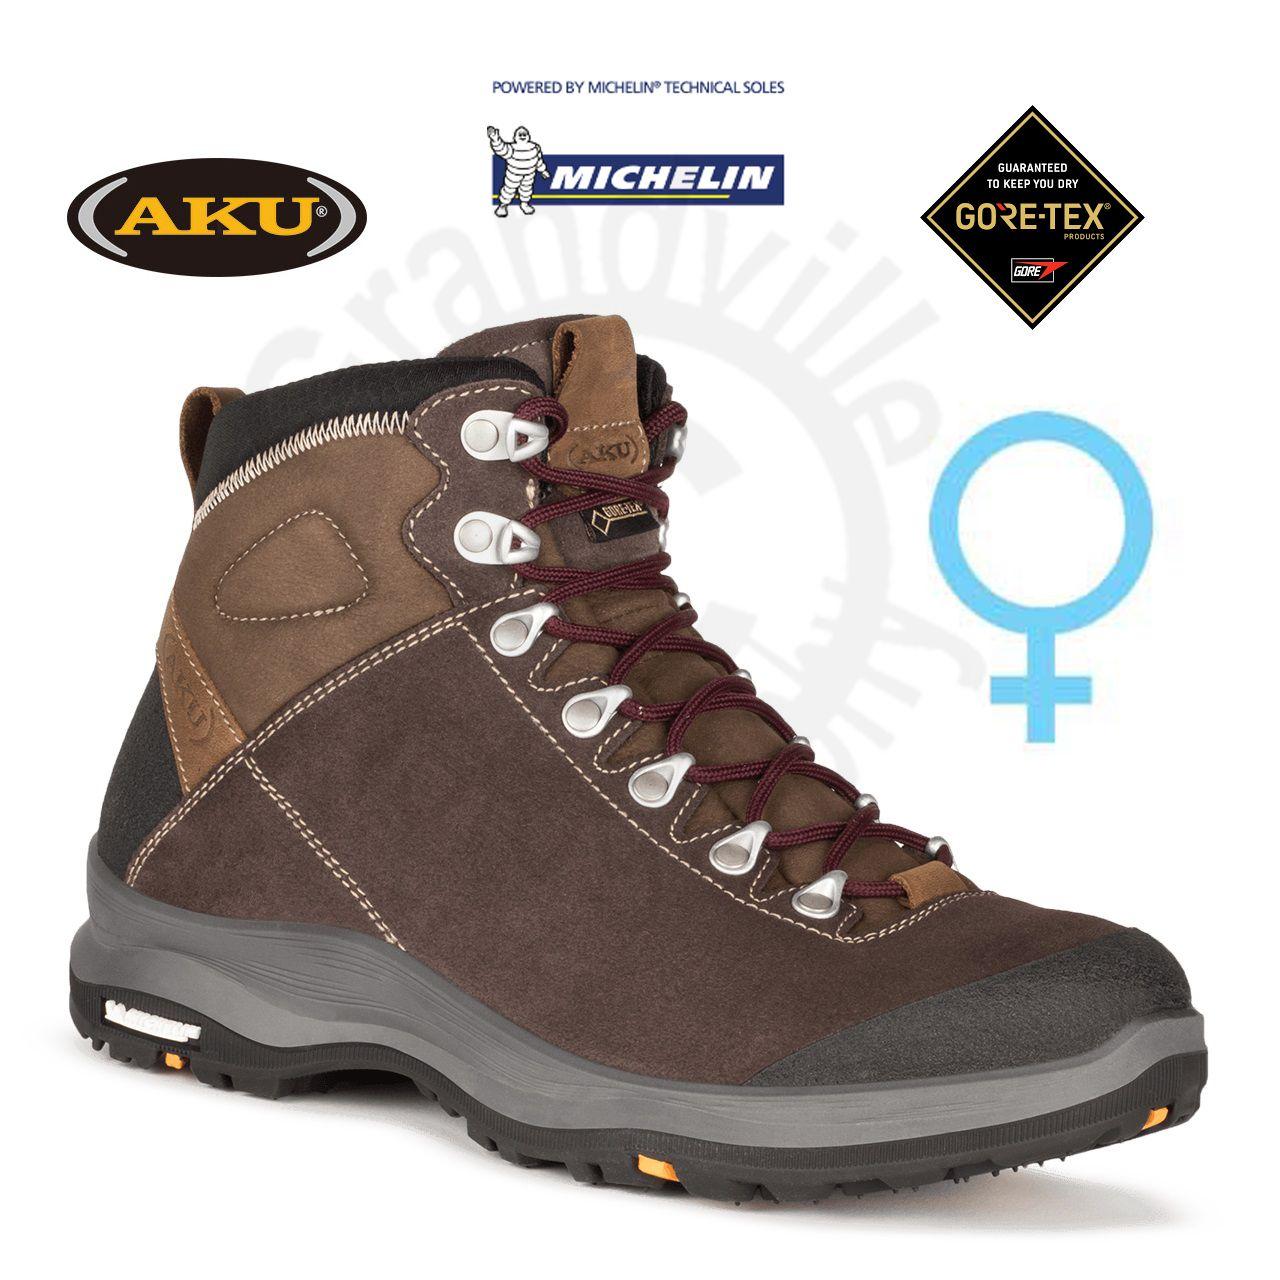 AKU La Val GTX Ws Marrone Treková obuv